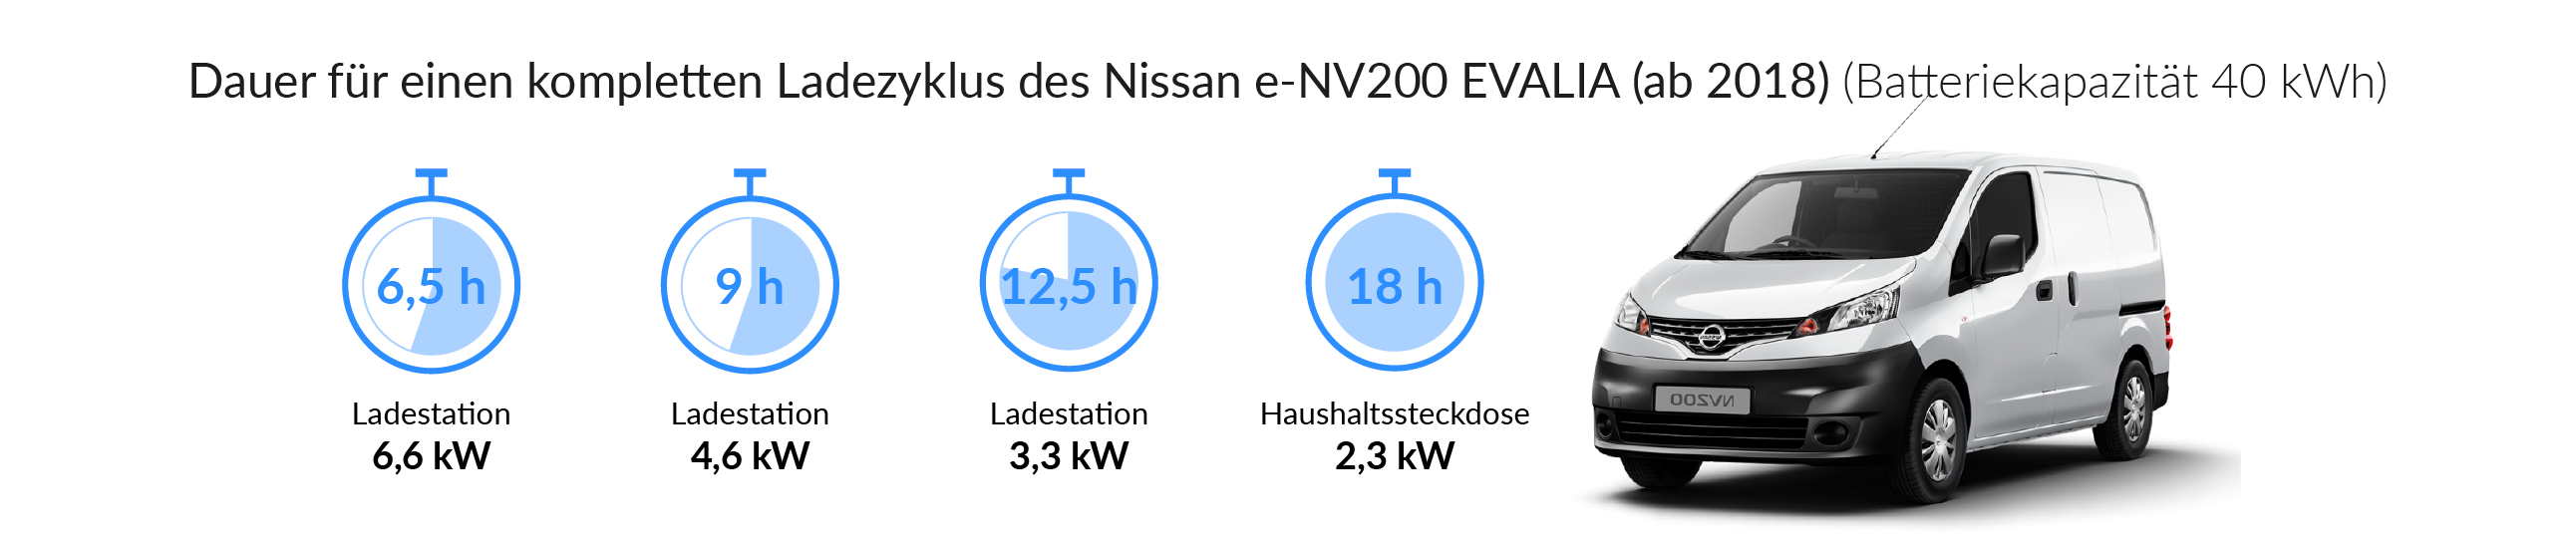 Ladezeiten des NISSAN EVALIA e-NV 200